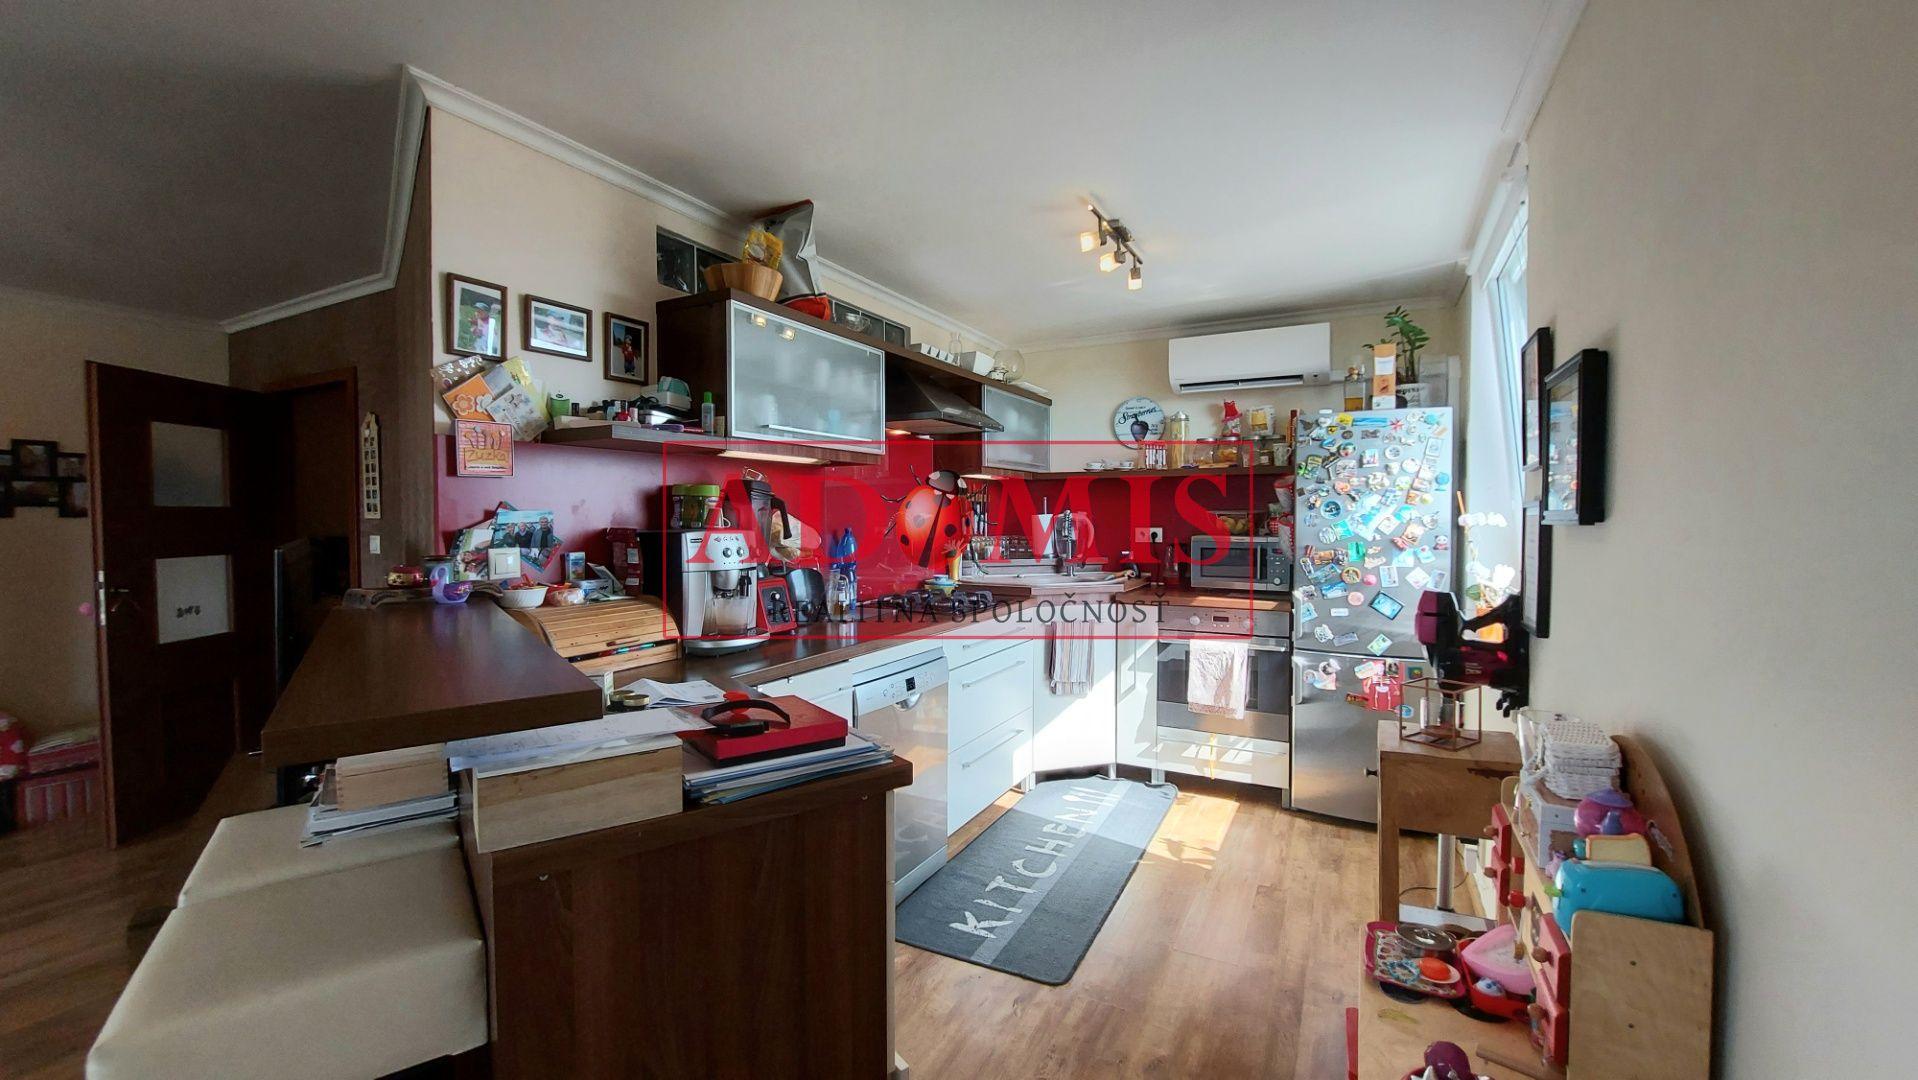 ADOMIS - predám pekný veľký 3-izbový byt 77m2,,Pražák,,loggia 6m,po kompletnej rekonštrukcii, Važecká ulica, sídlisko Nad Jazerom, Košice